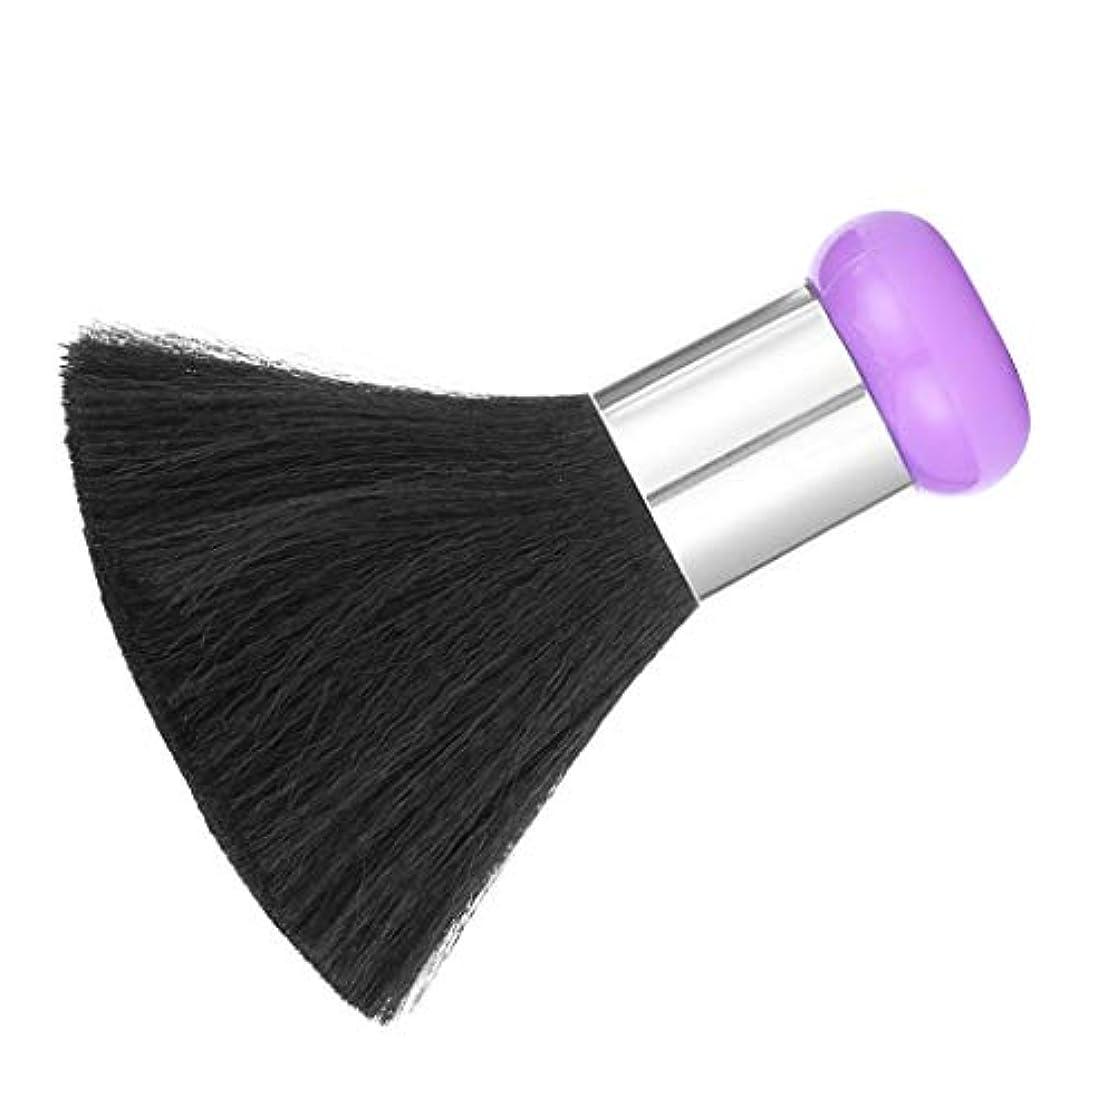 オプションバルブキーヘアカットヘアカットブラシネックダスタークリーニングヘアブラシサロンバーバーツール - 紫